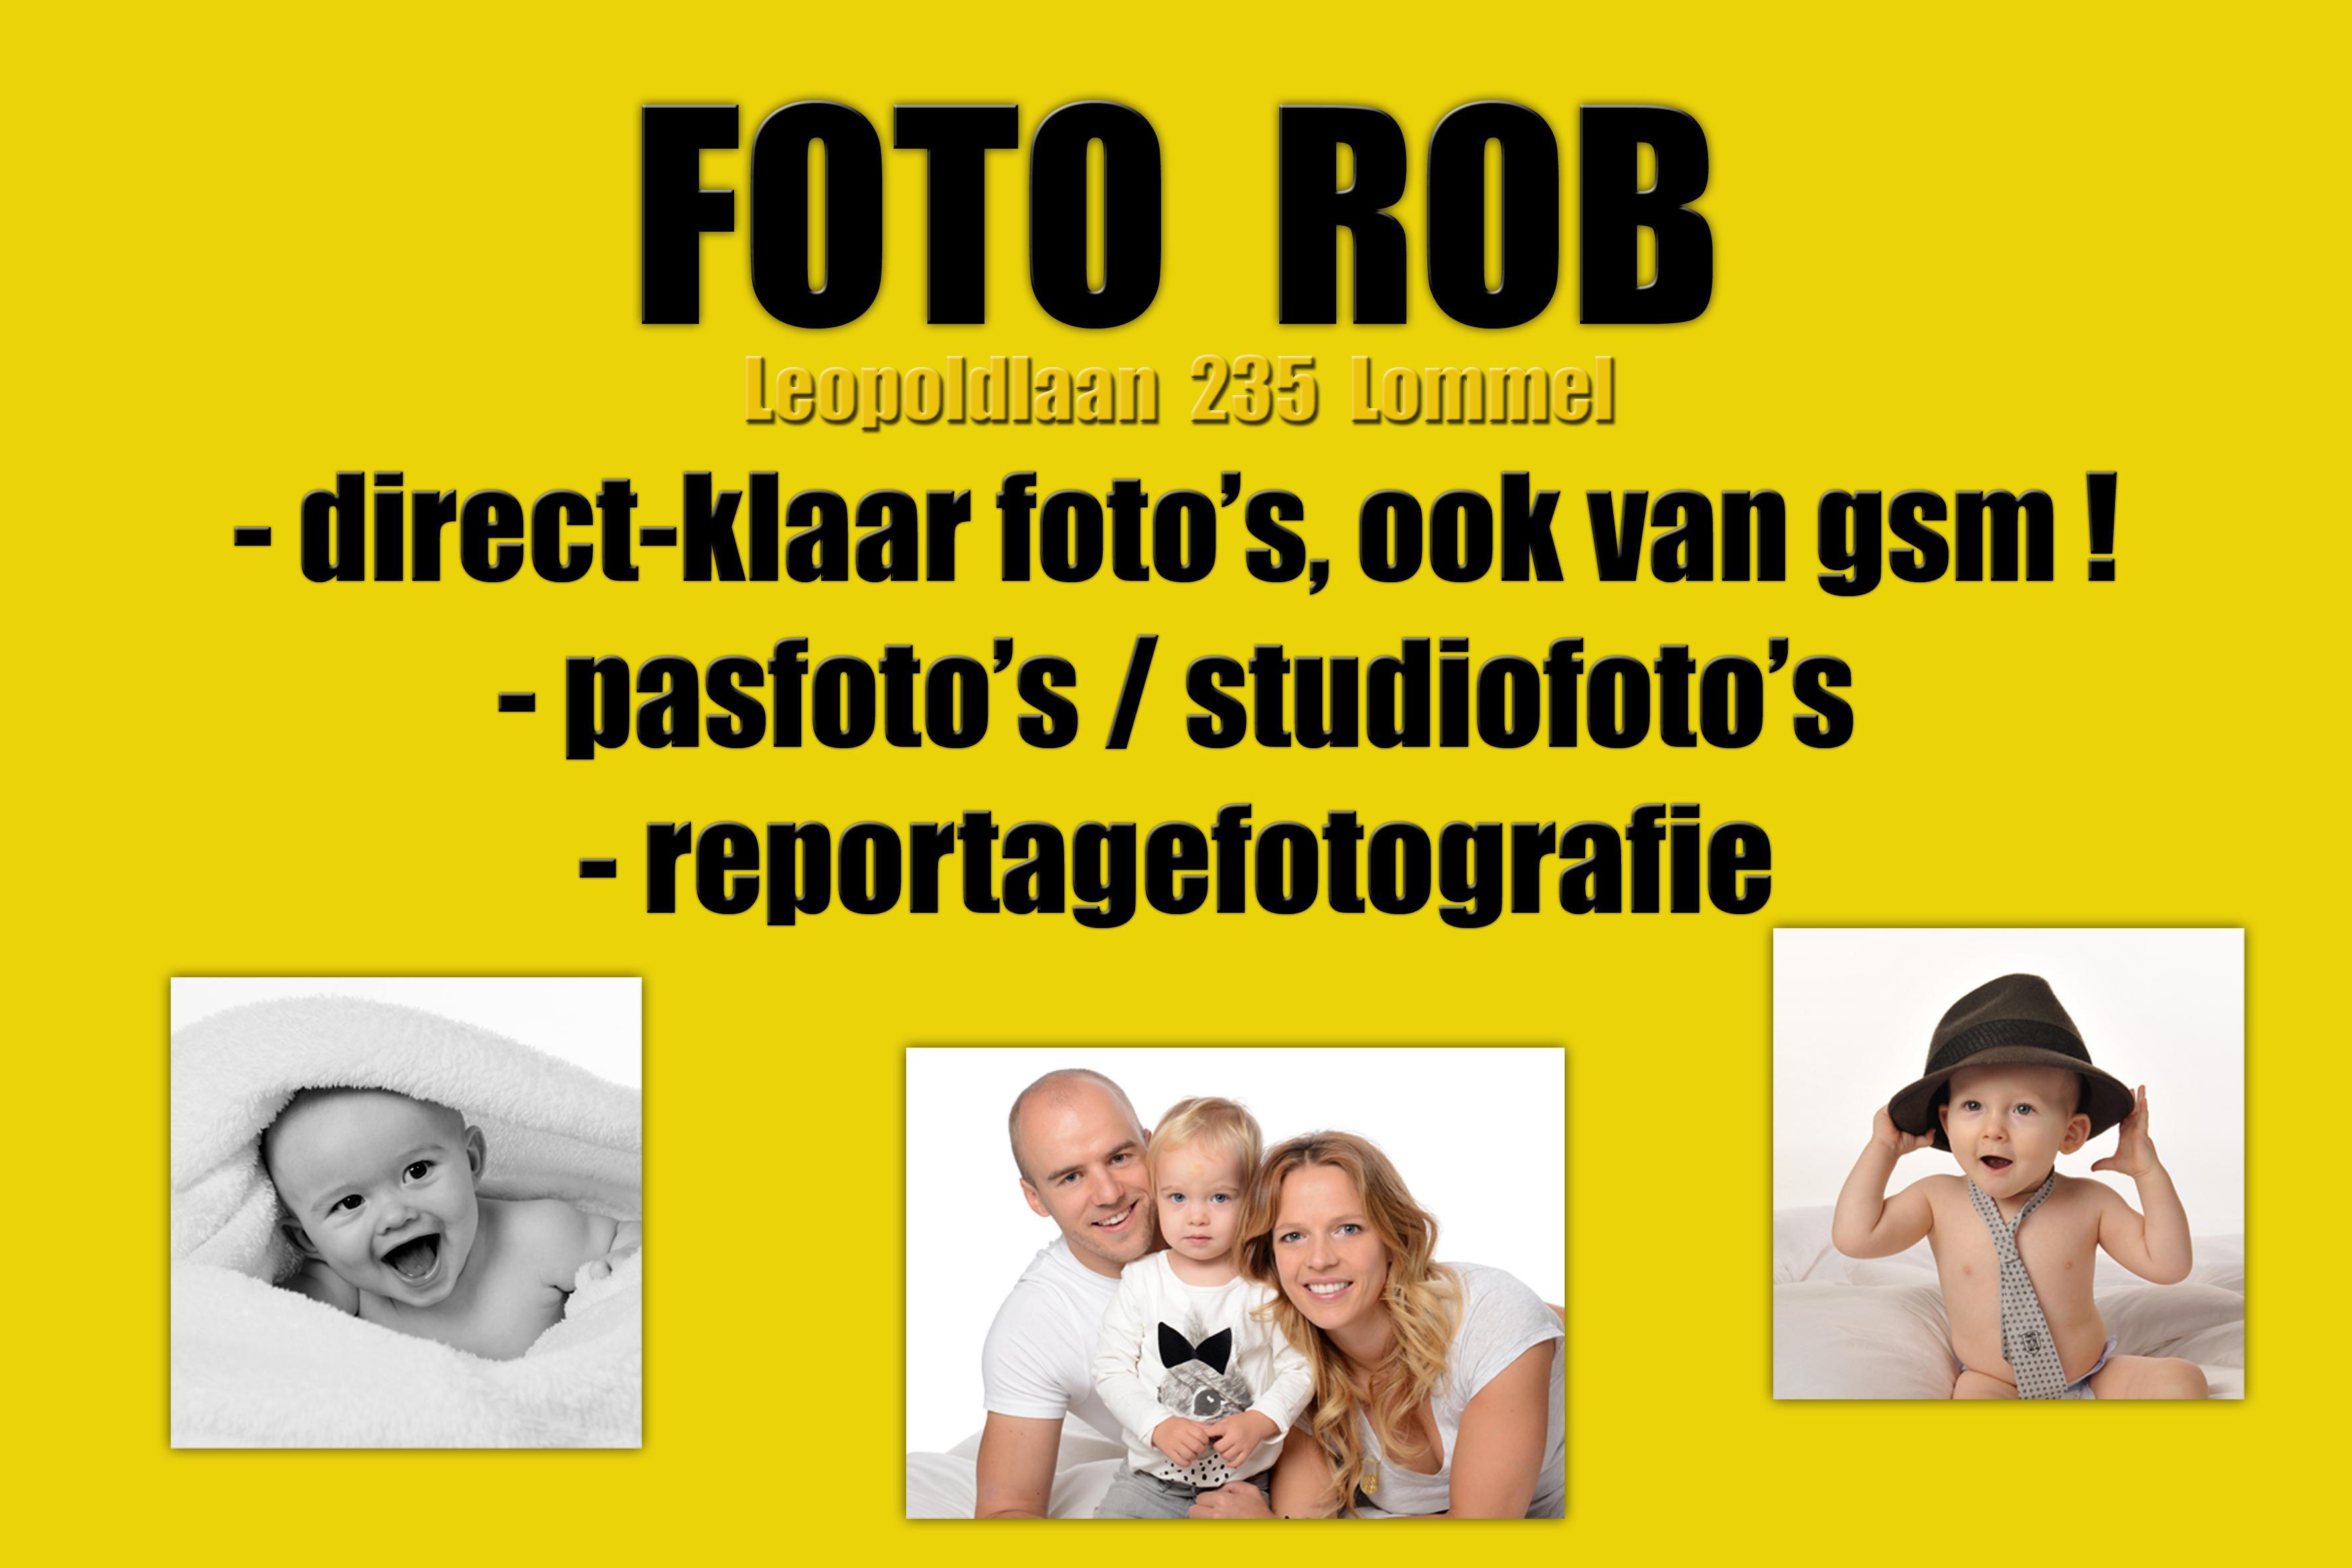 fotoROB